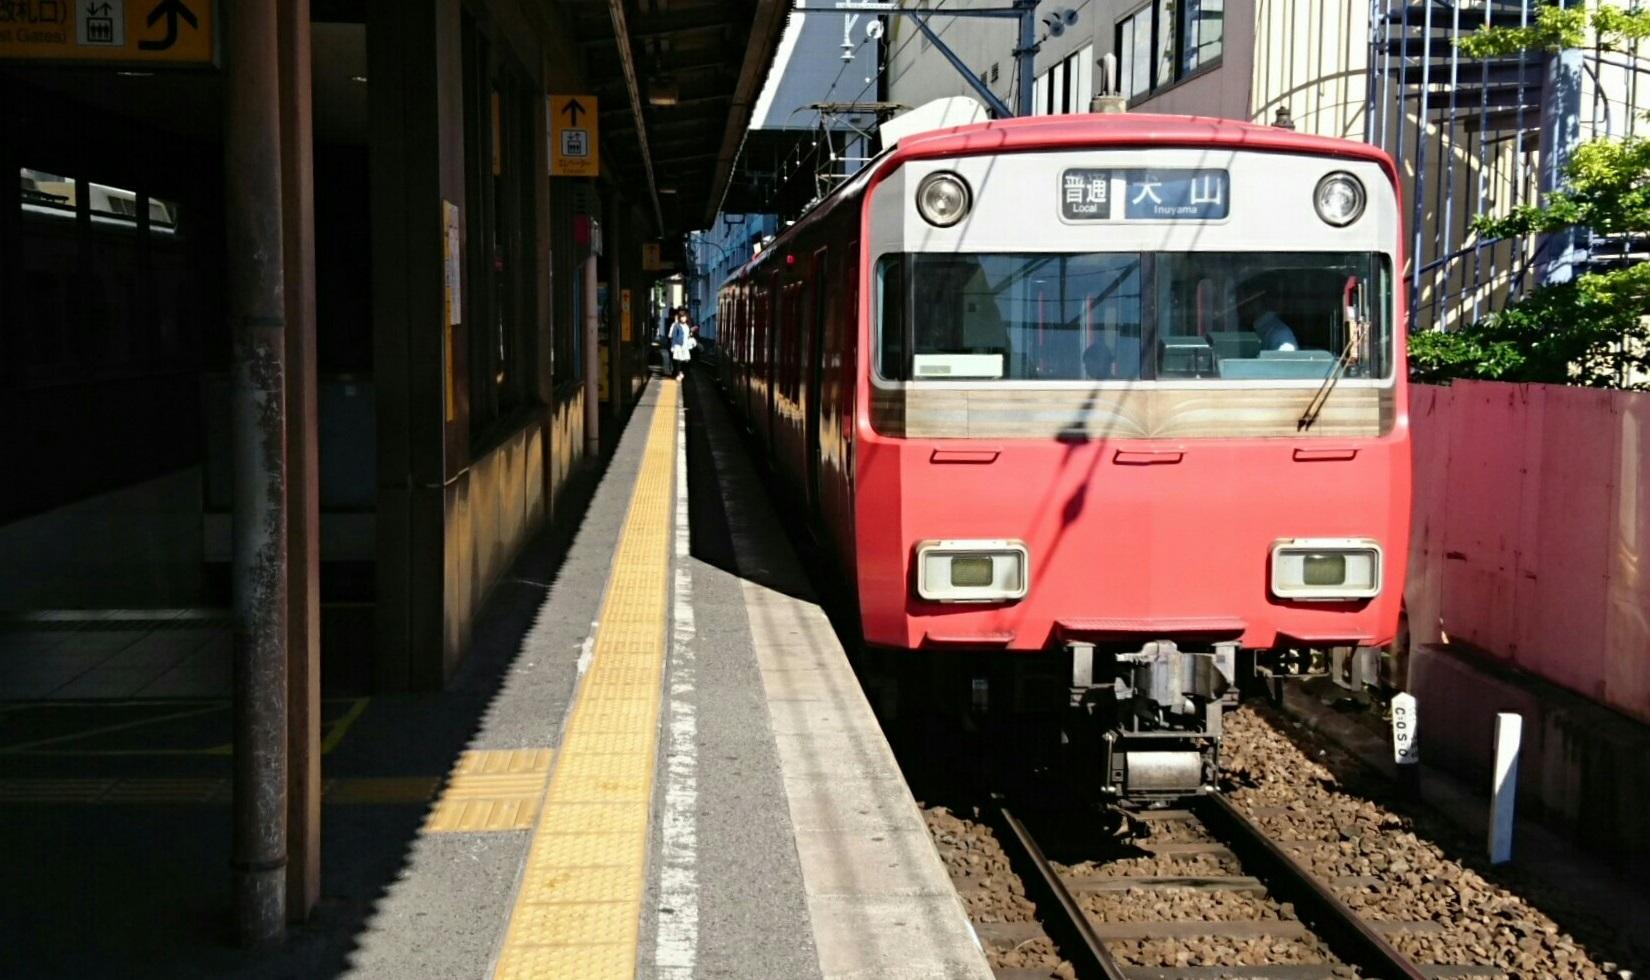 2017.5.27 東岡崎からのかえり (2) 犬山いきふつう 1650-980